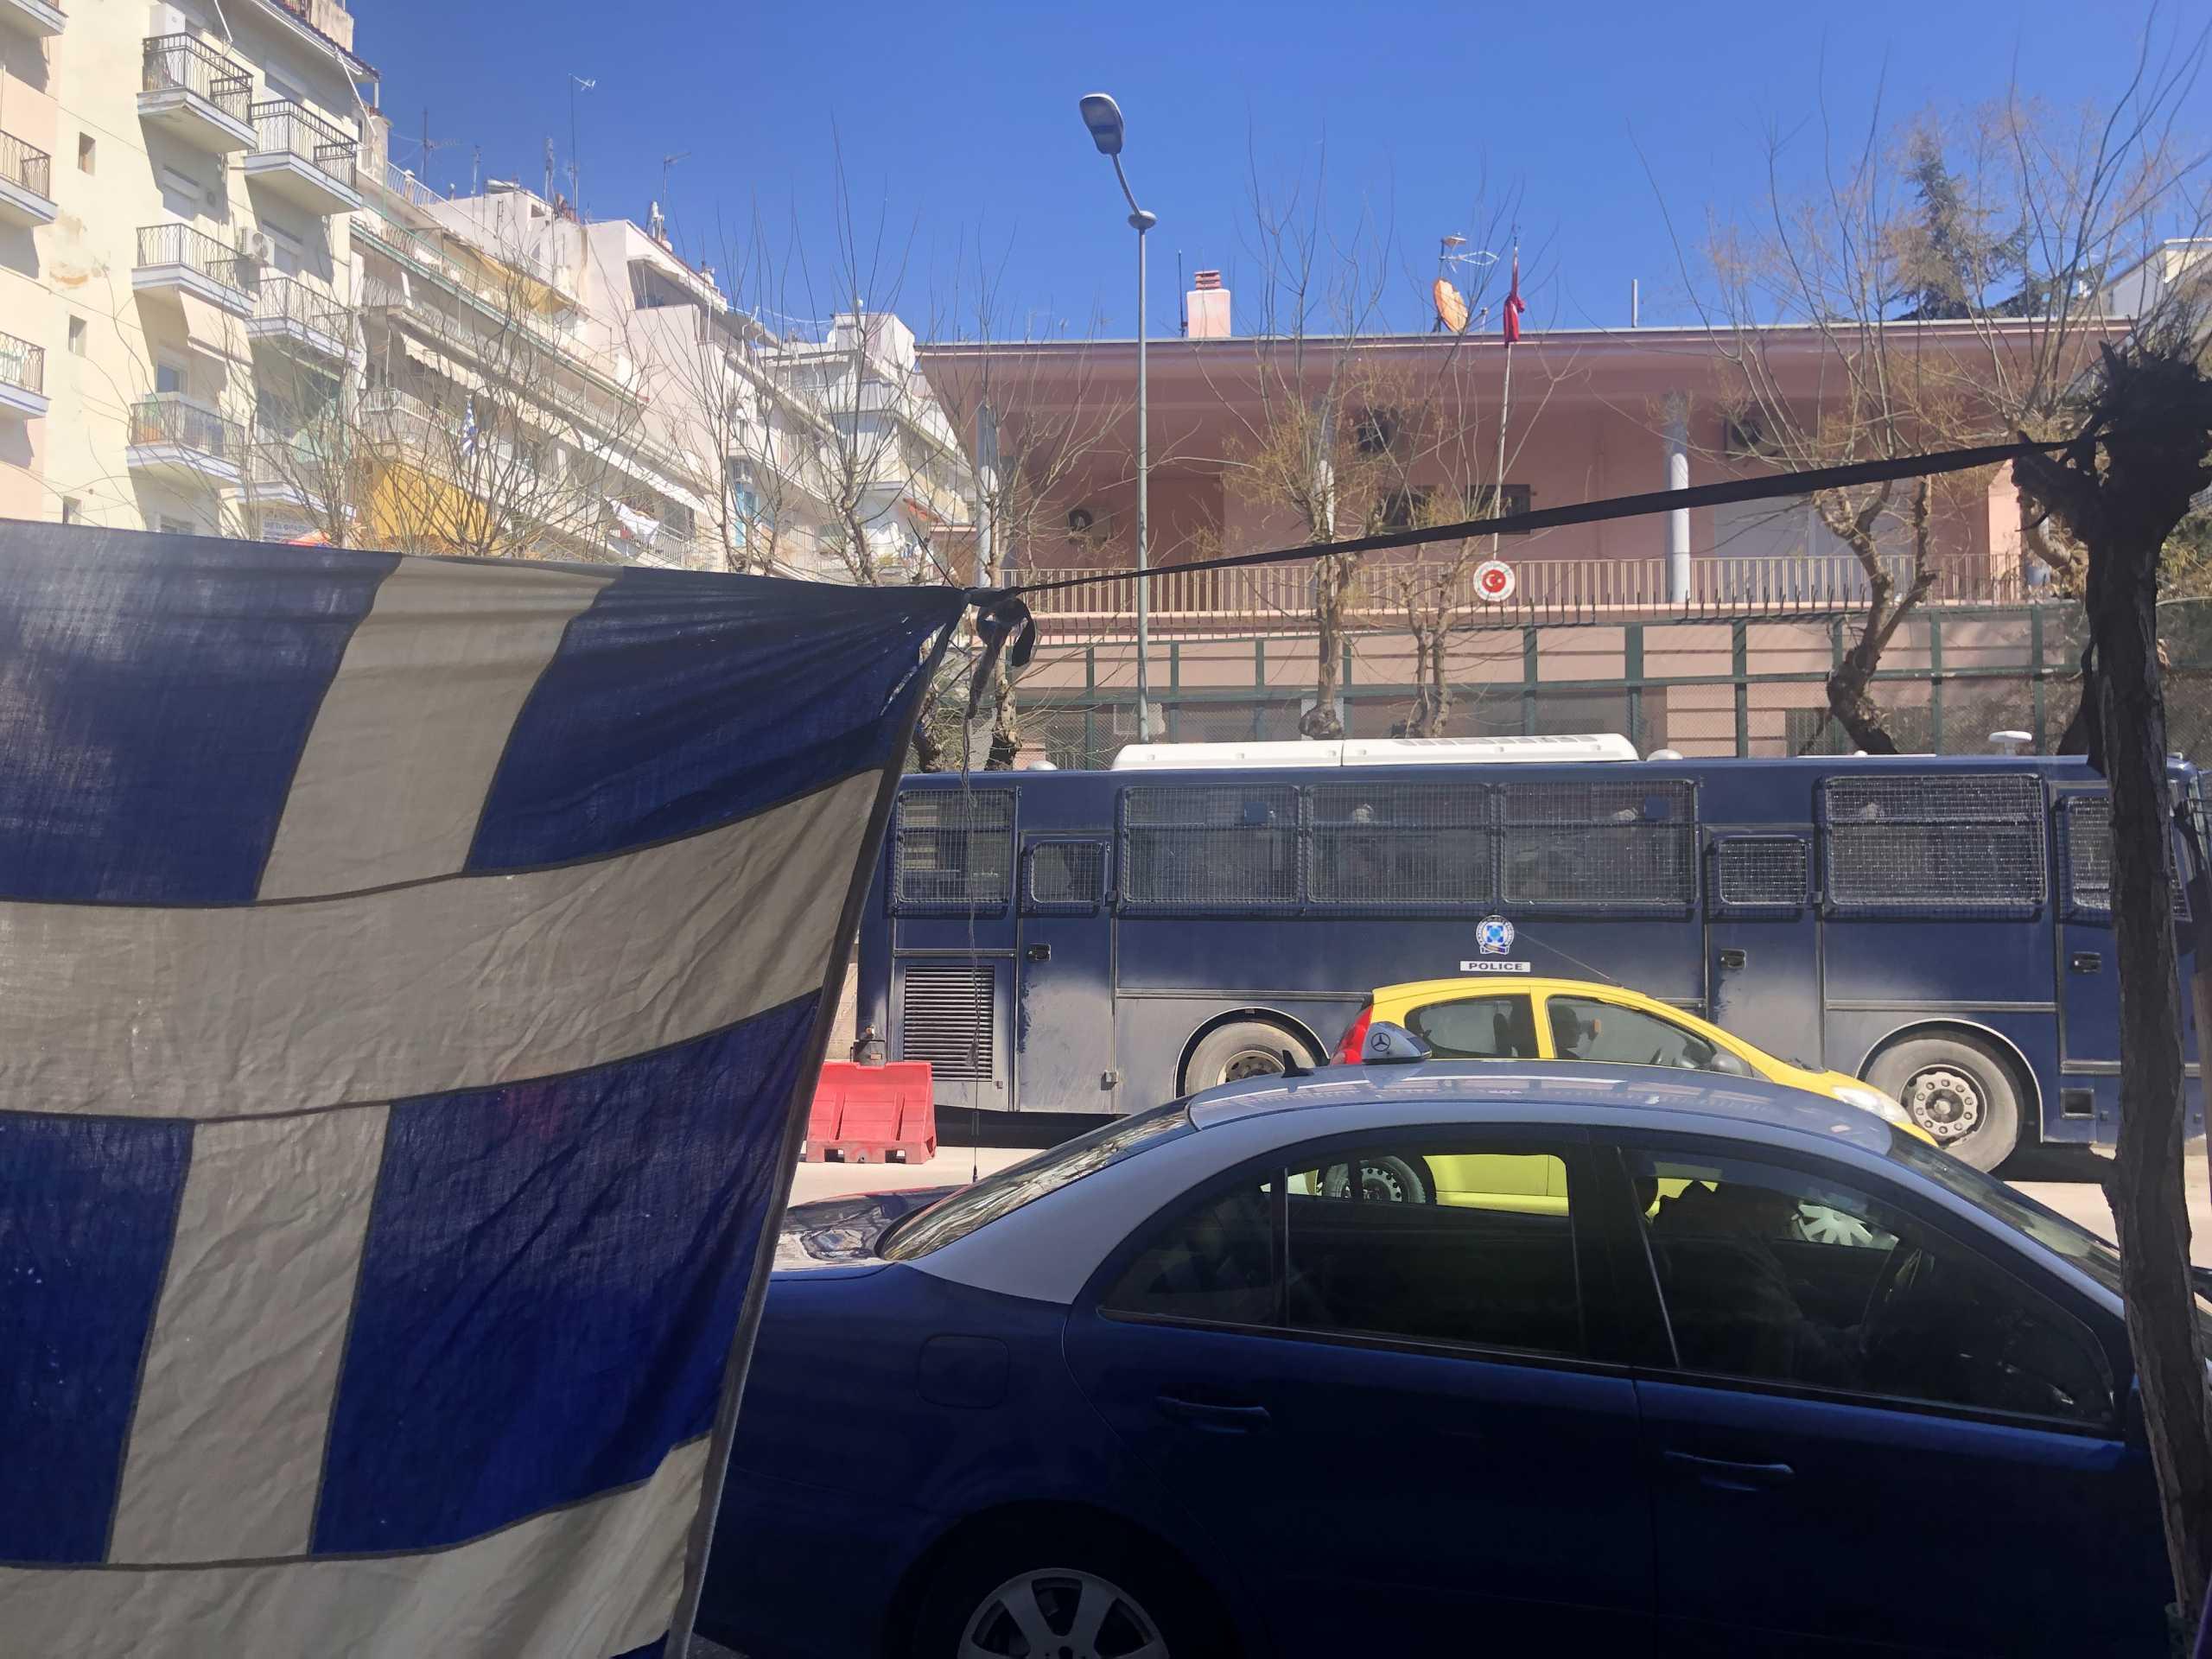 Θεσσαλονίκη – 25η Μαρτίου: Γαλανόλευκο παντού έξω από το τουρκικό προξενείο – Οι εικόνες που κεντρίζουν τα βλέμματα (pics)